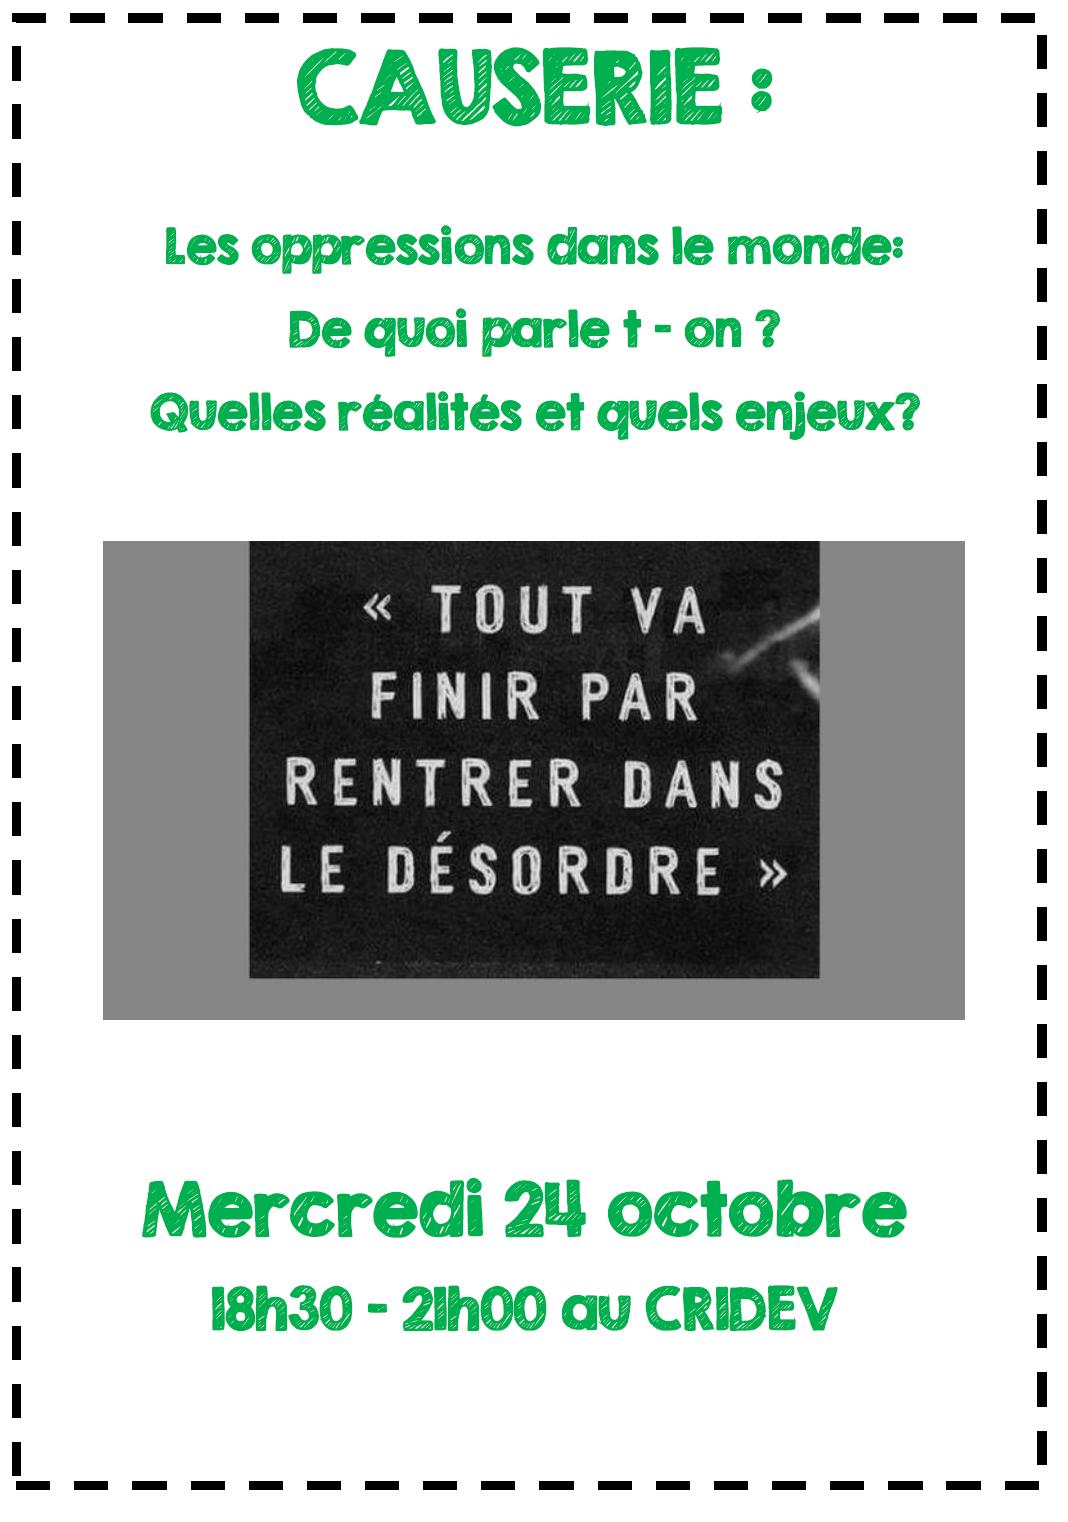 Soirée causerie au CRIDEV : les oppressions dans le monde @Rennes @ Rennes